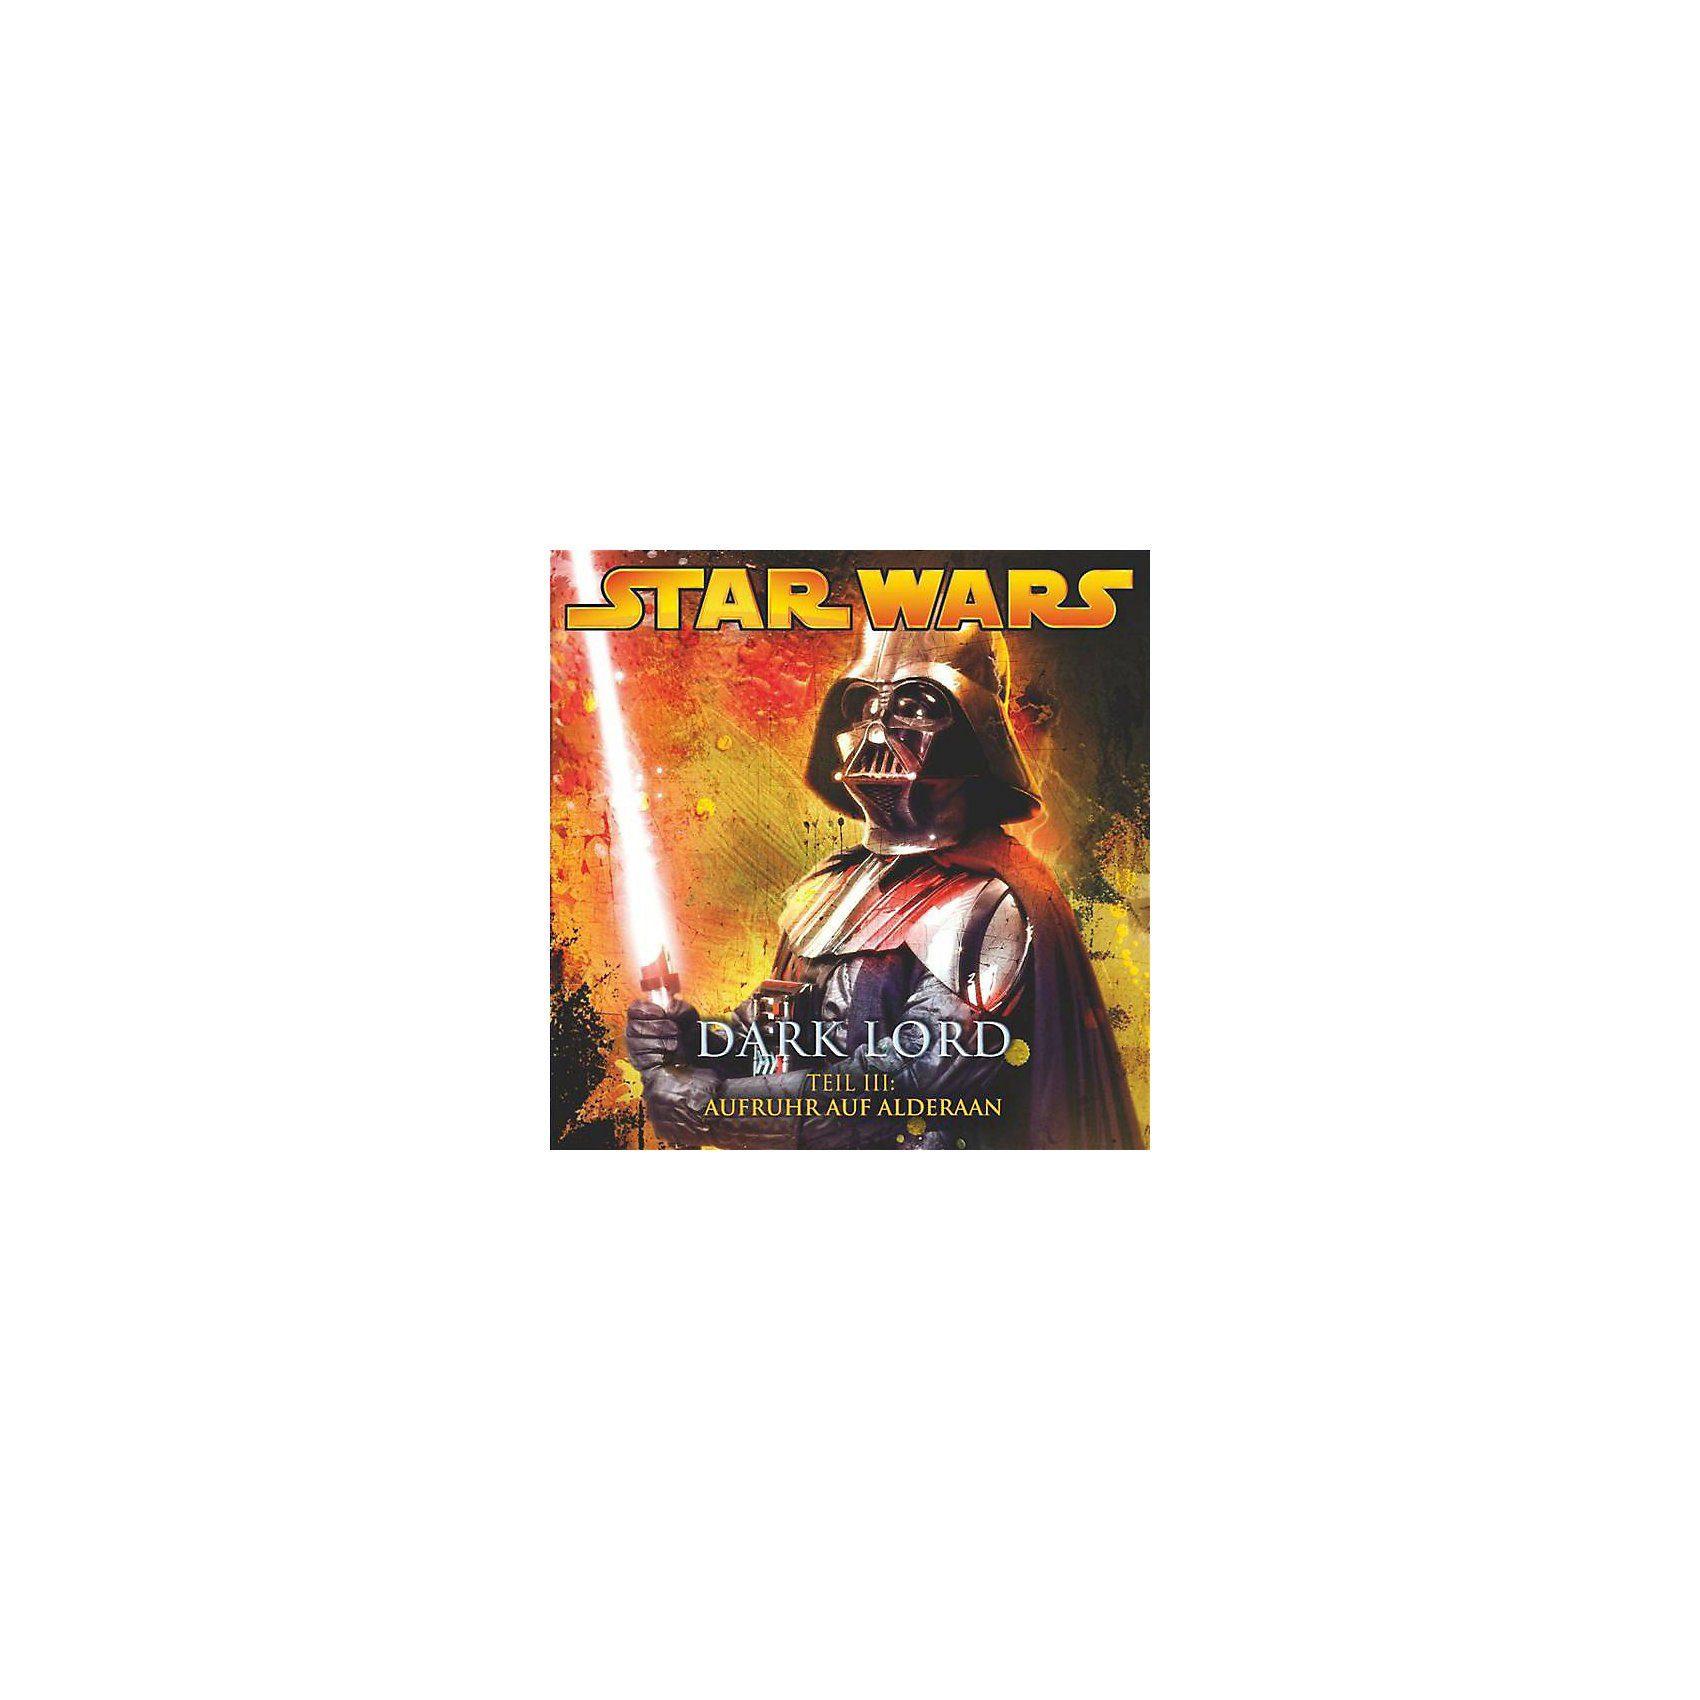 Universal CD Star Wars: Dark Lord 03 - Aufruhr auf Alderan